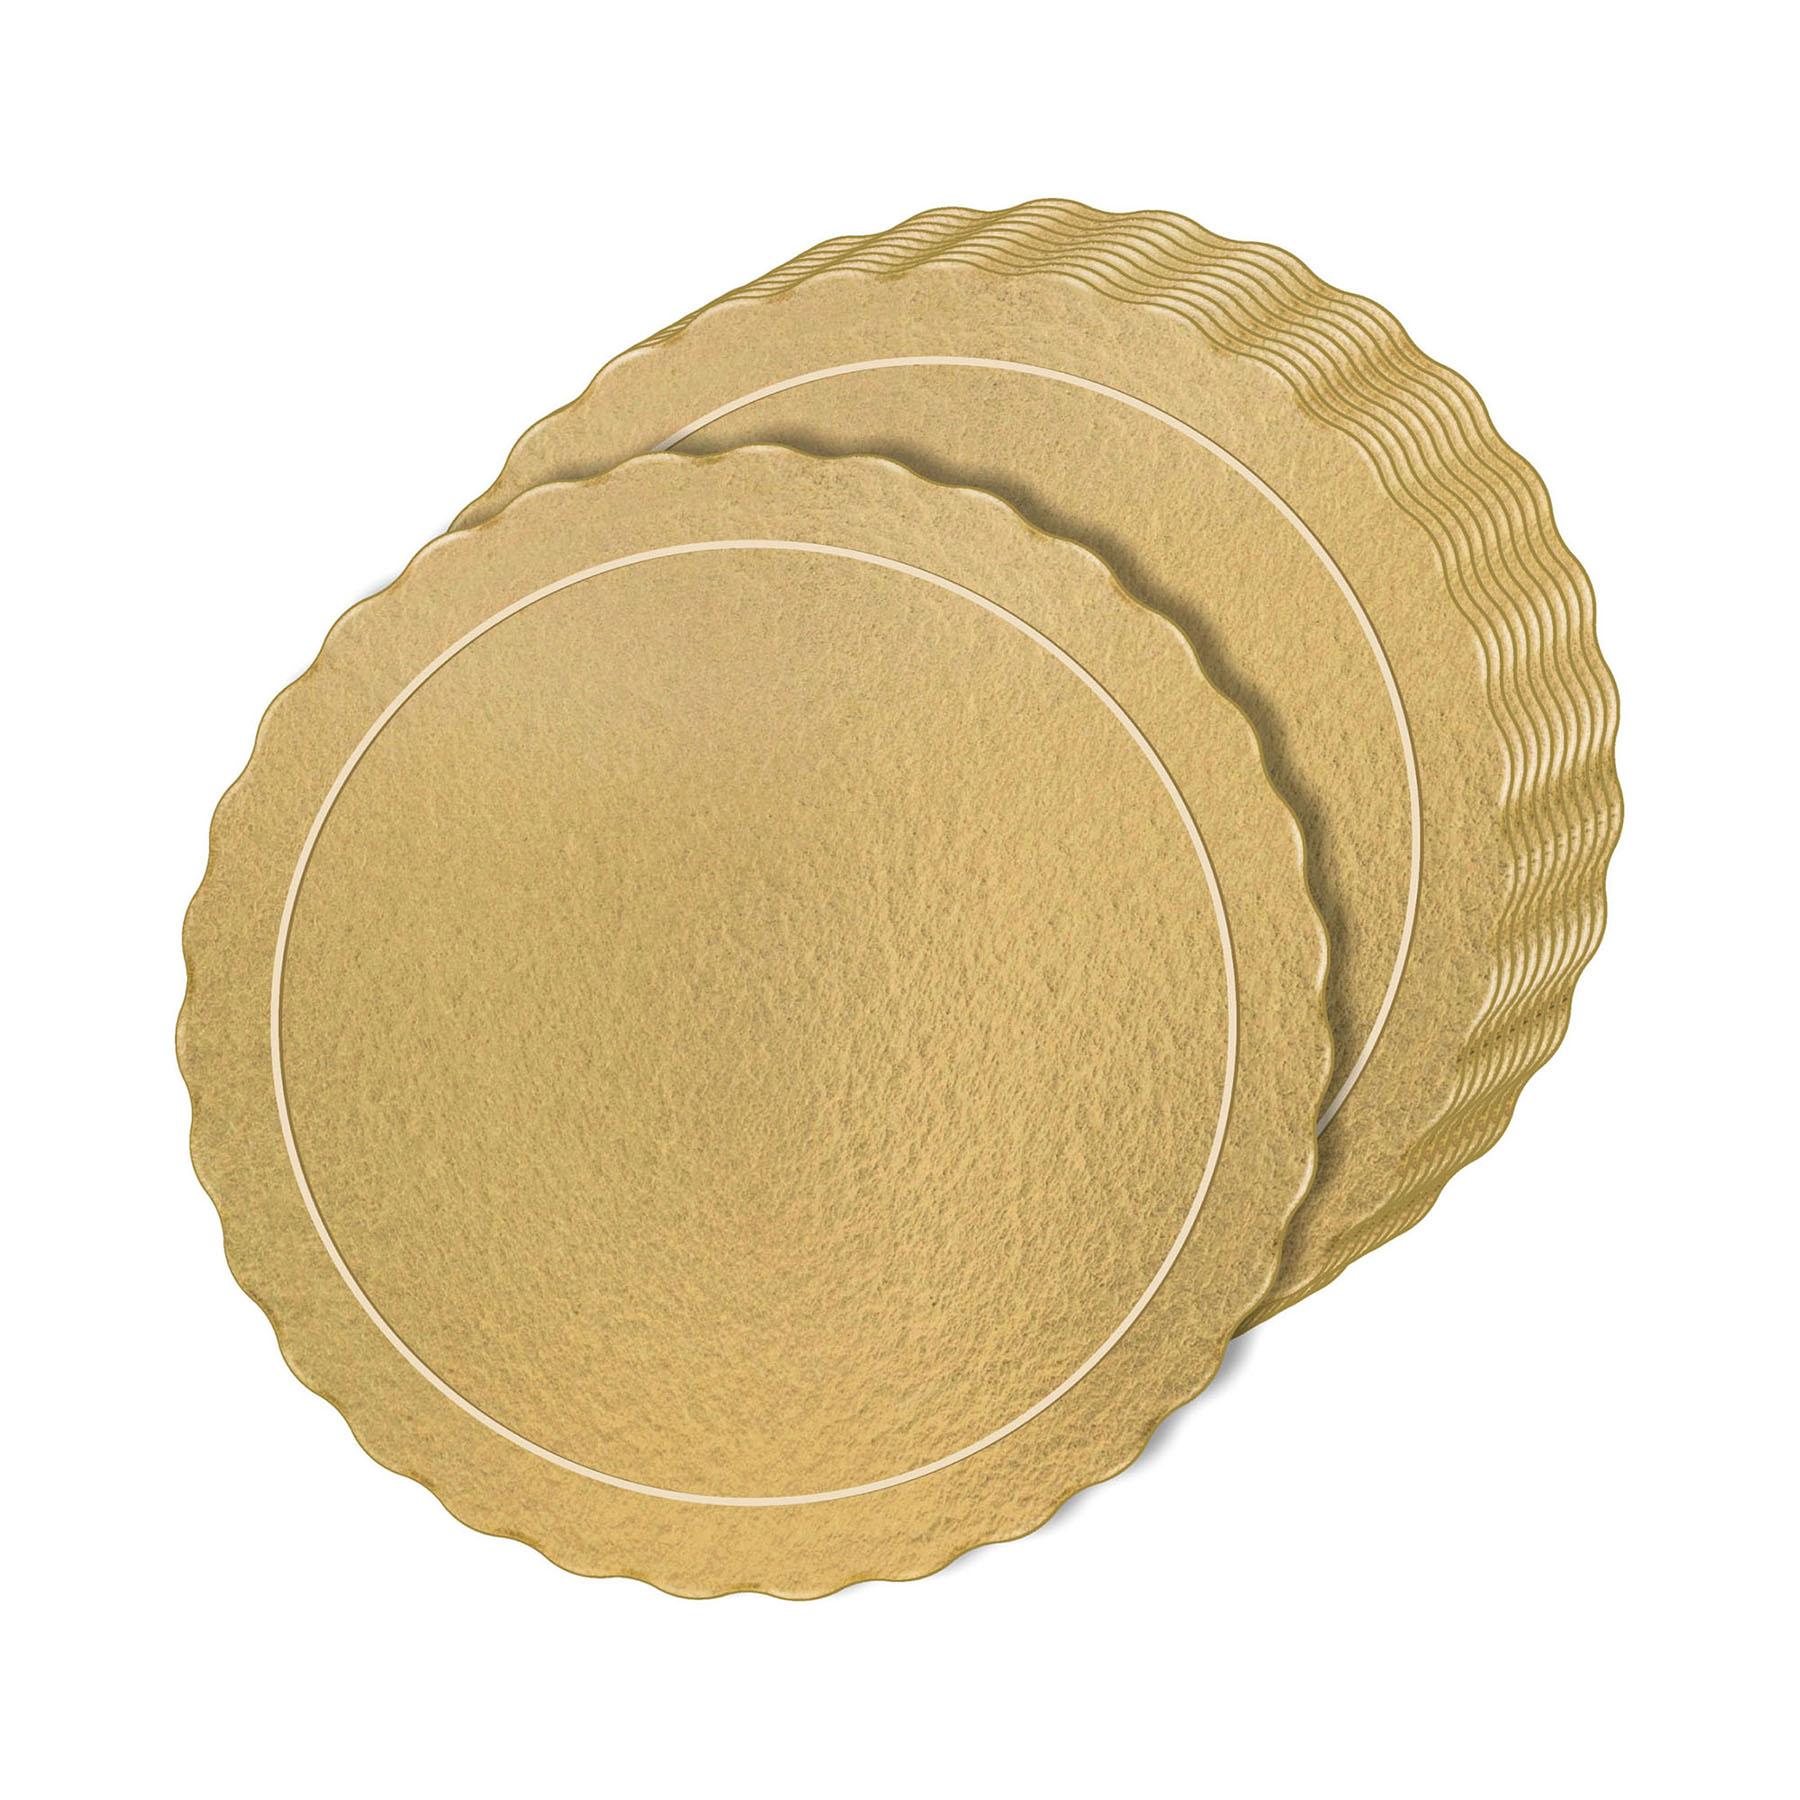 50 Bases Laminadas P/ Bolo 38cm - Ouro